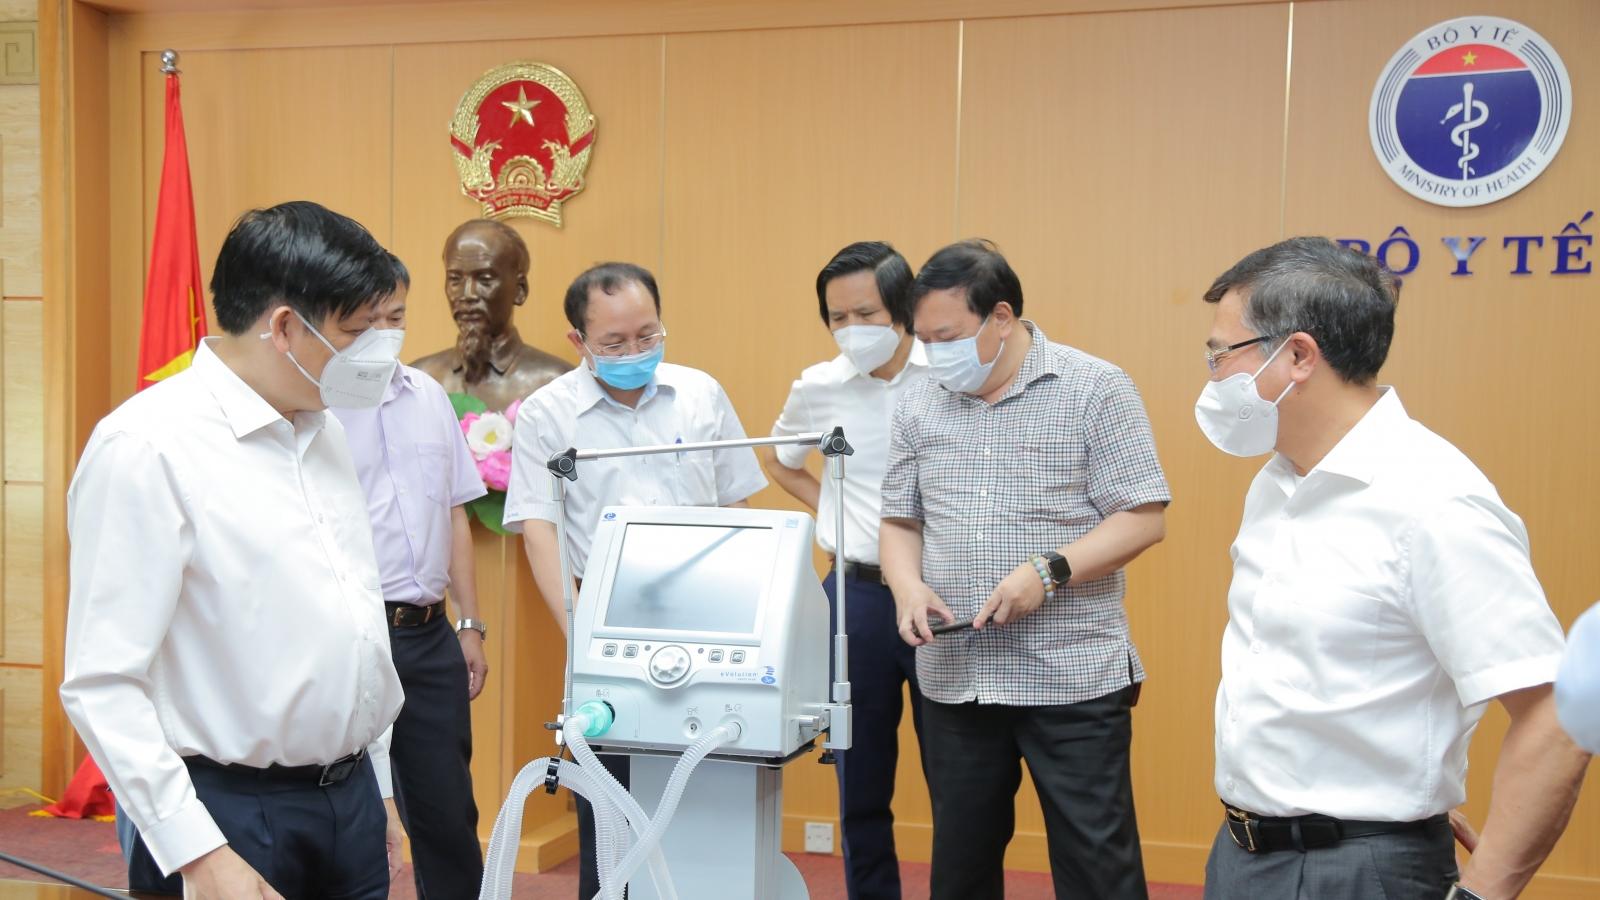 Petrovietnam trao tặng 200 máy thở dòng chức năng cao để điều trị bệnh nhân Covid-19 nặng